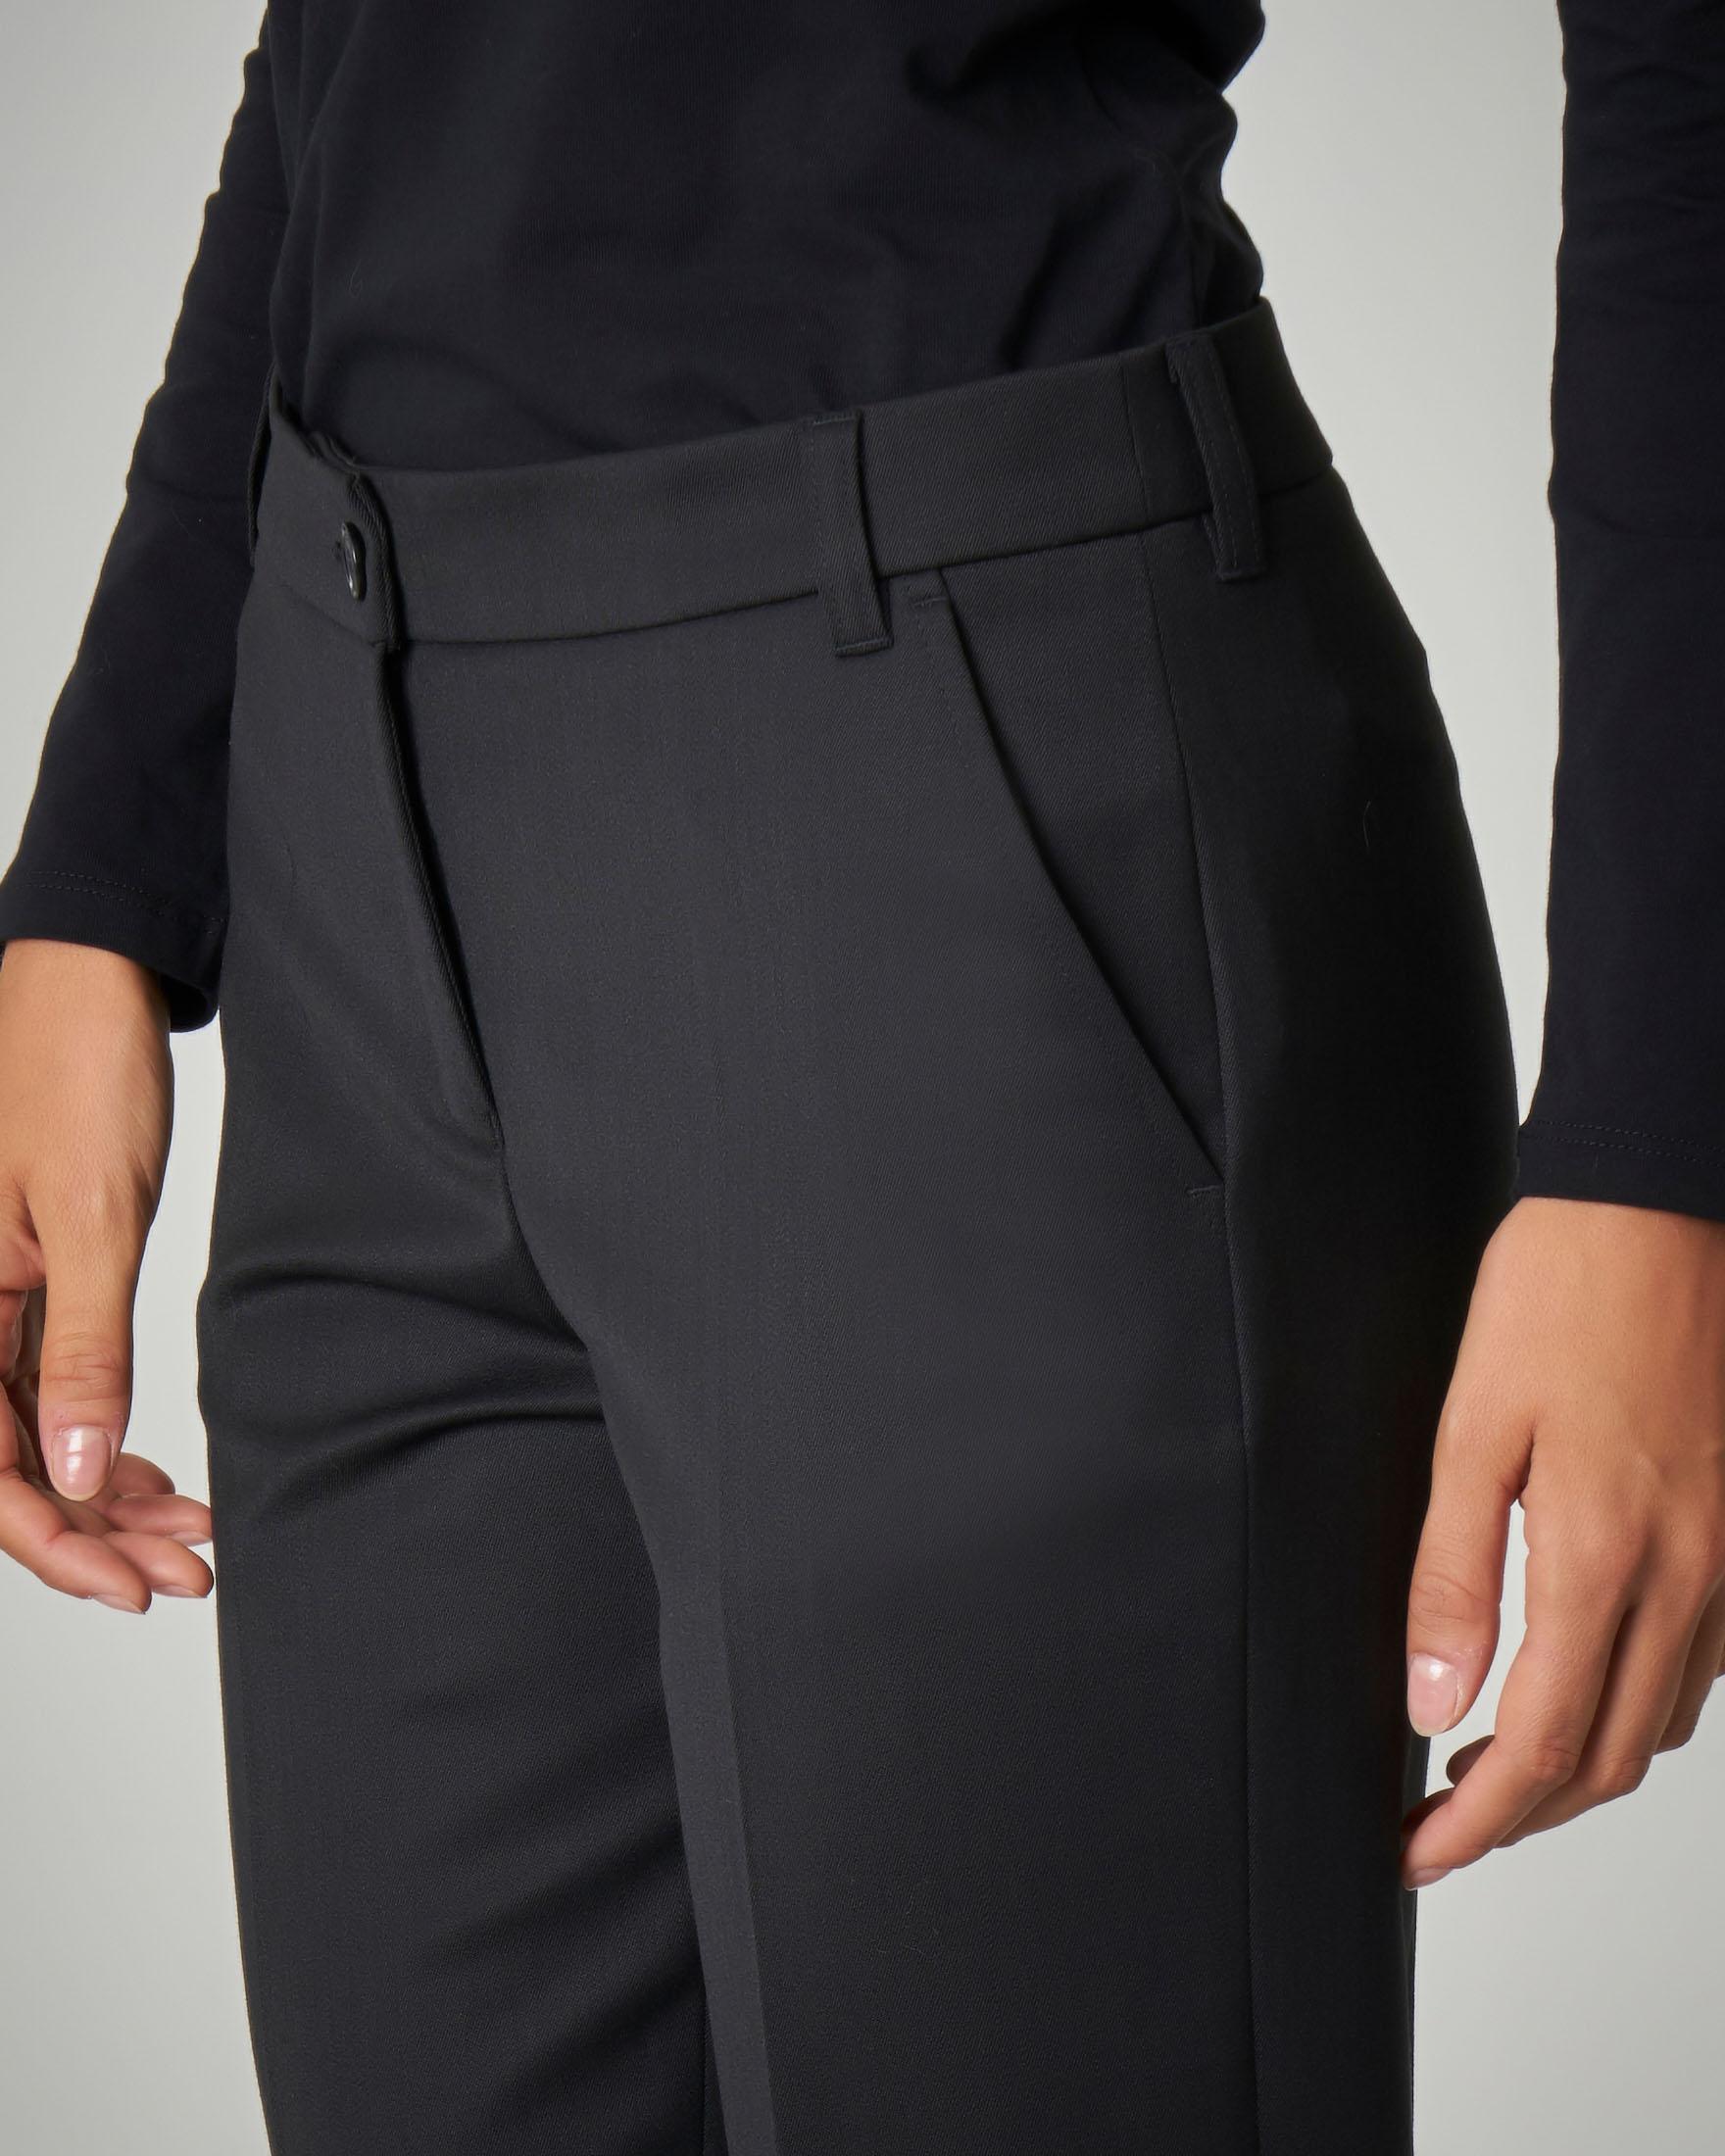 Pantaloni neri a sigaretta con piega